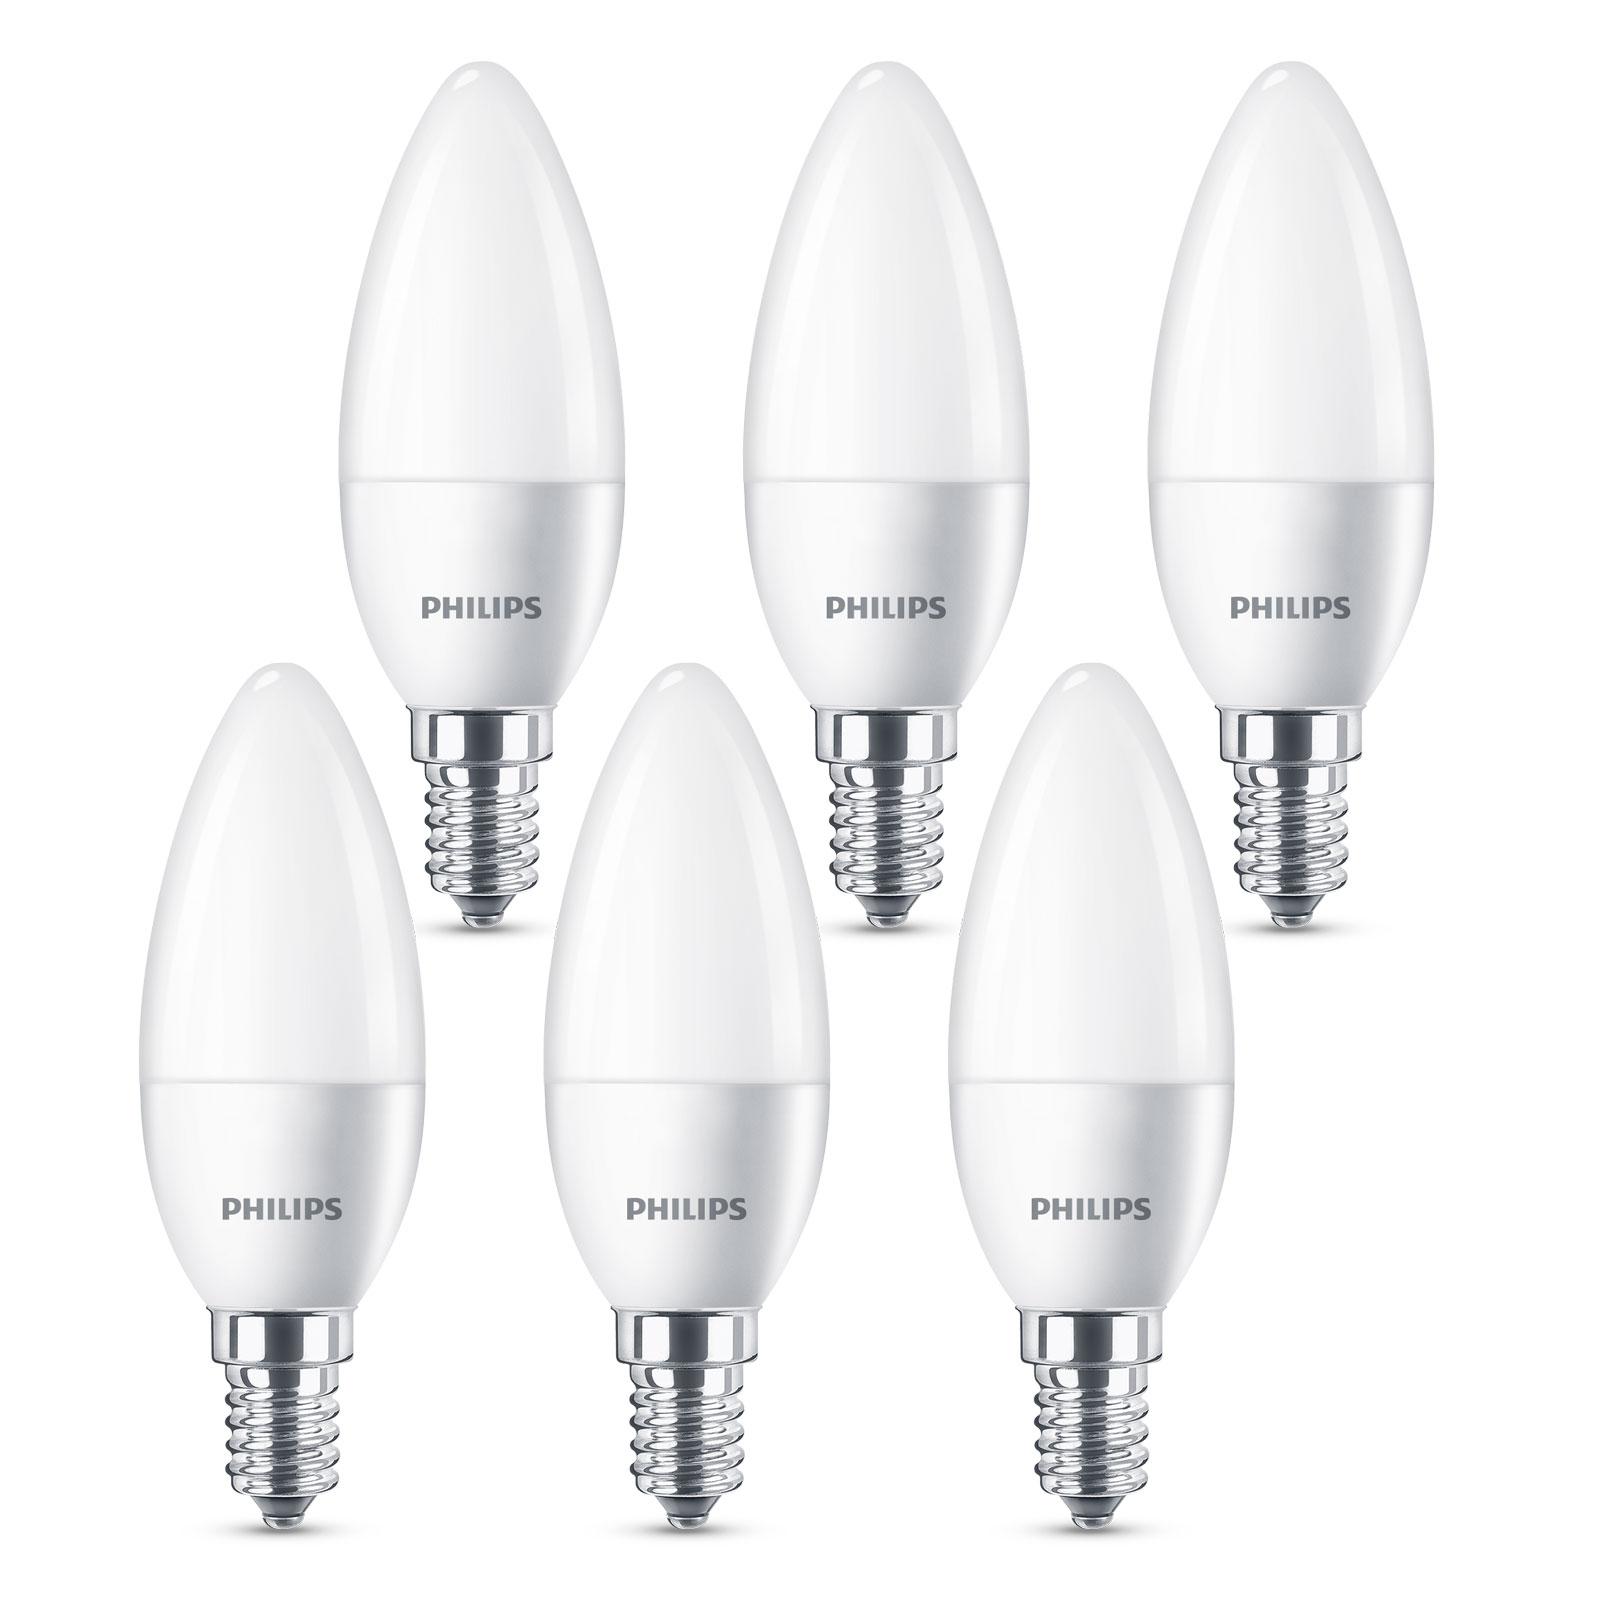 Philips LED-Lampe E14 B35 5,5W matt 6er-Pack